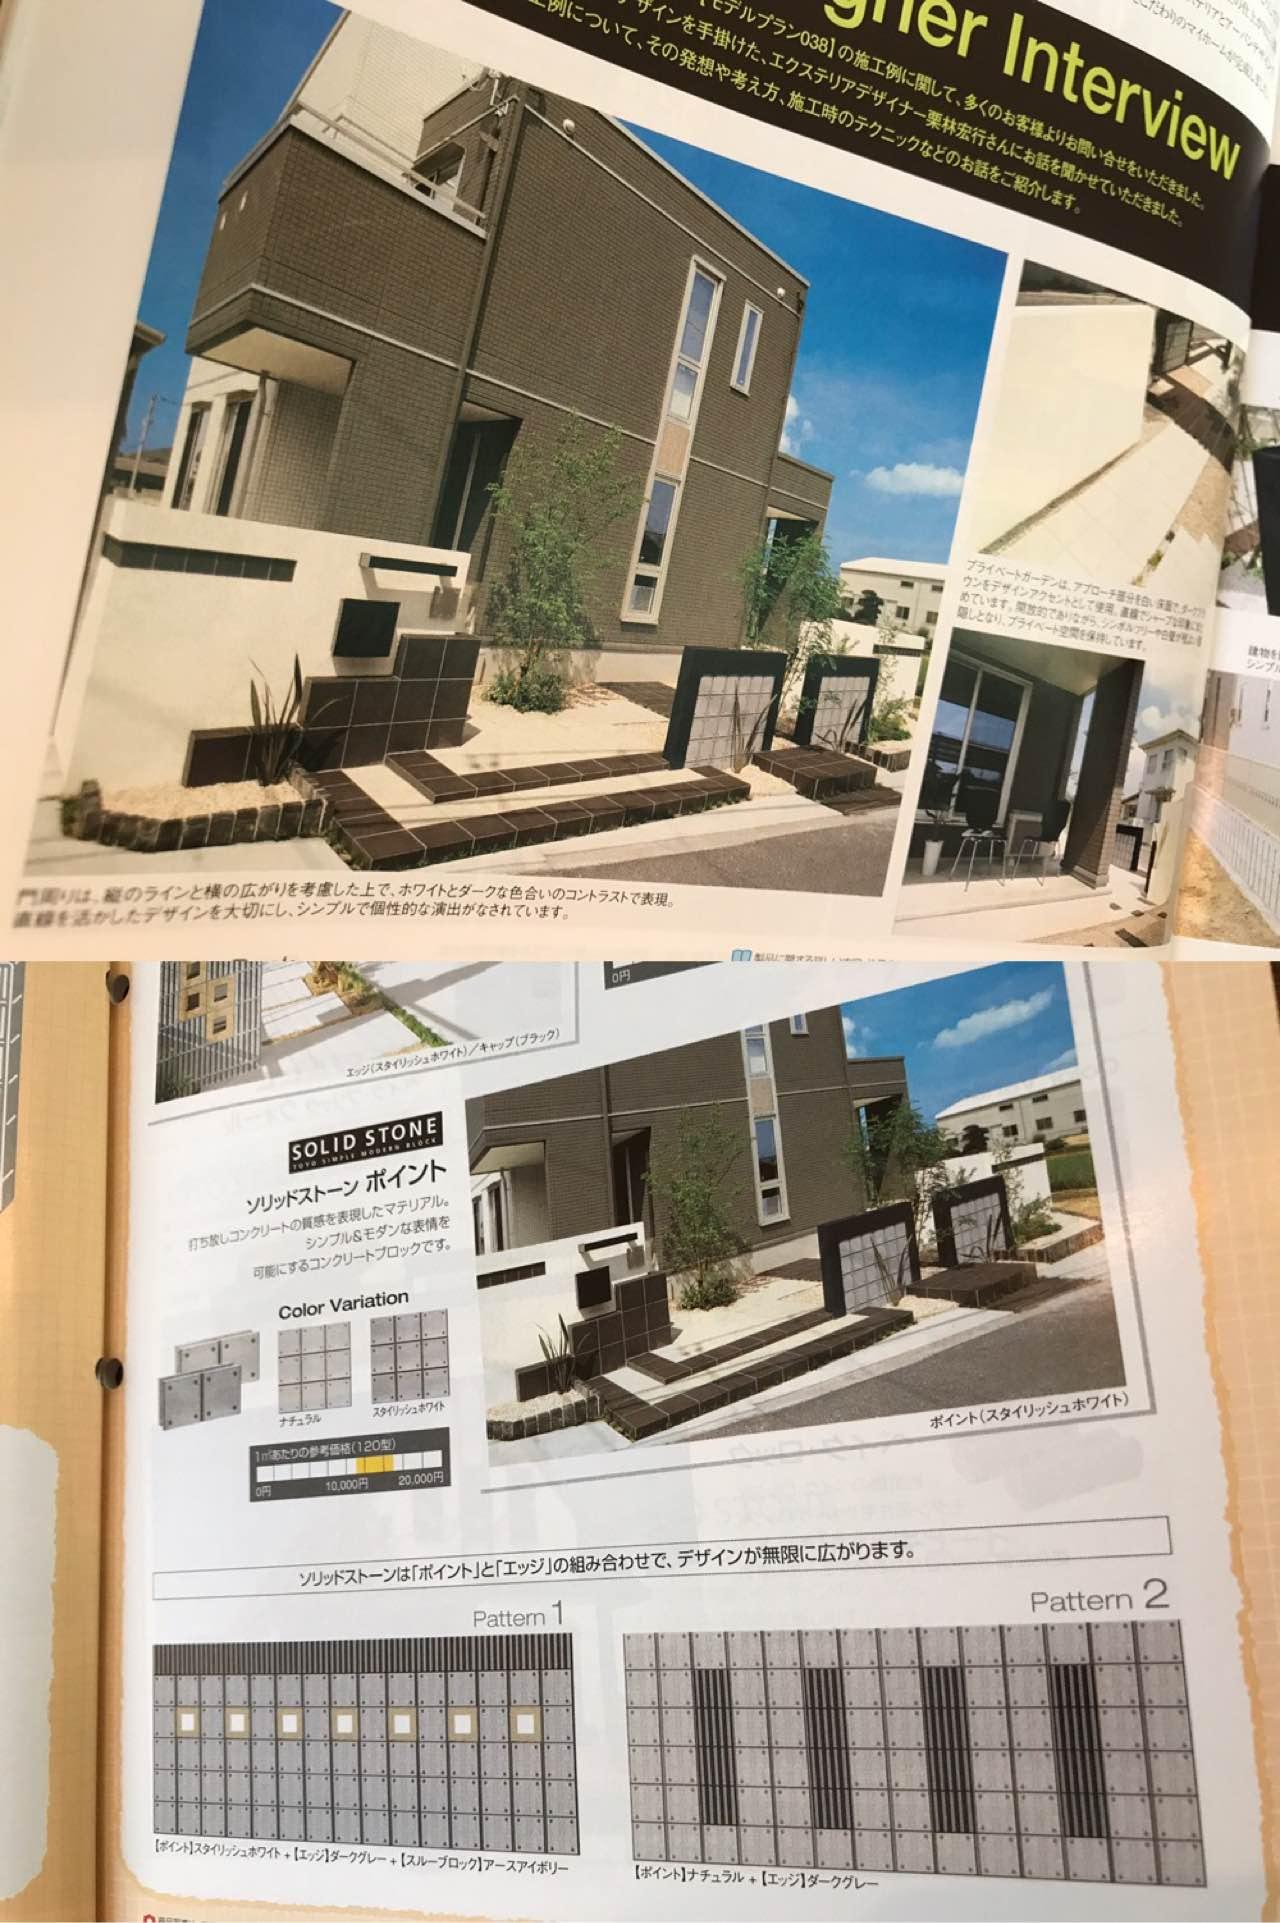 ソリッドストーン ポイント。打ち放しコンクリートの質感を表現したブロック。シンプル&モダン。  東洋工業 TOYO 2006 Exterior Guide Book https://t.co/Z7c9hVMymC